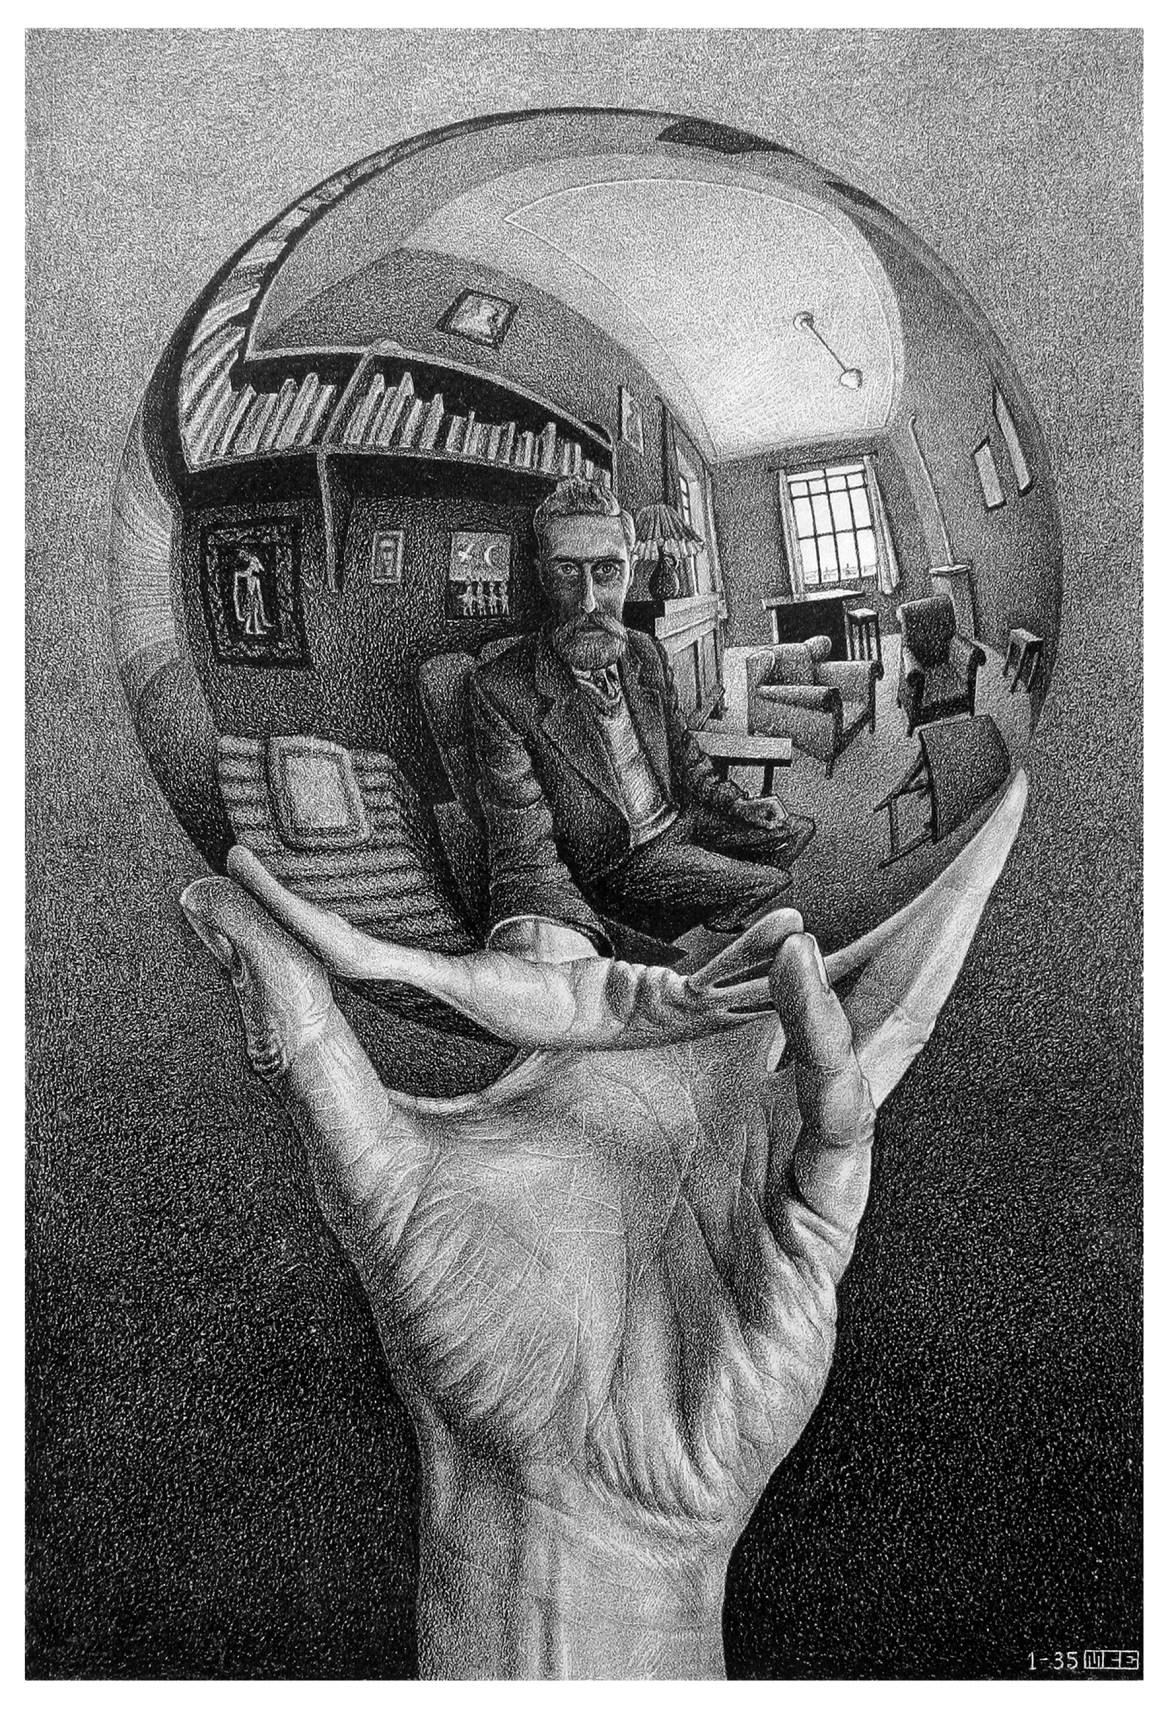 Maurits Cornelis Escher, Mano con sfera riflettente, 1935, Fondazione M.C. Escher